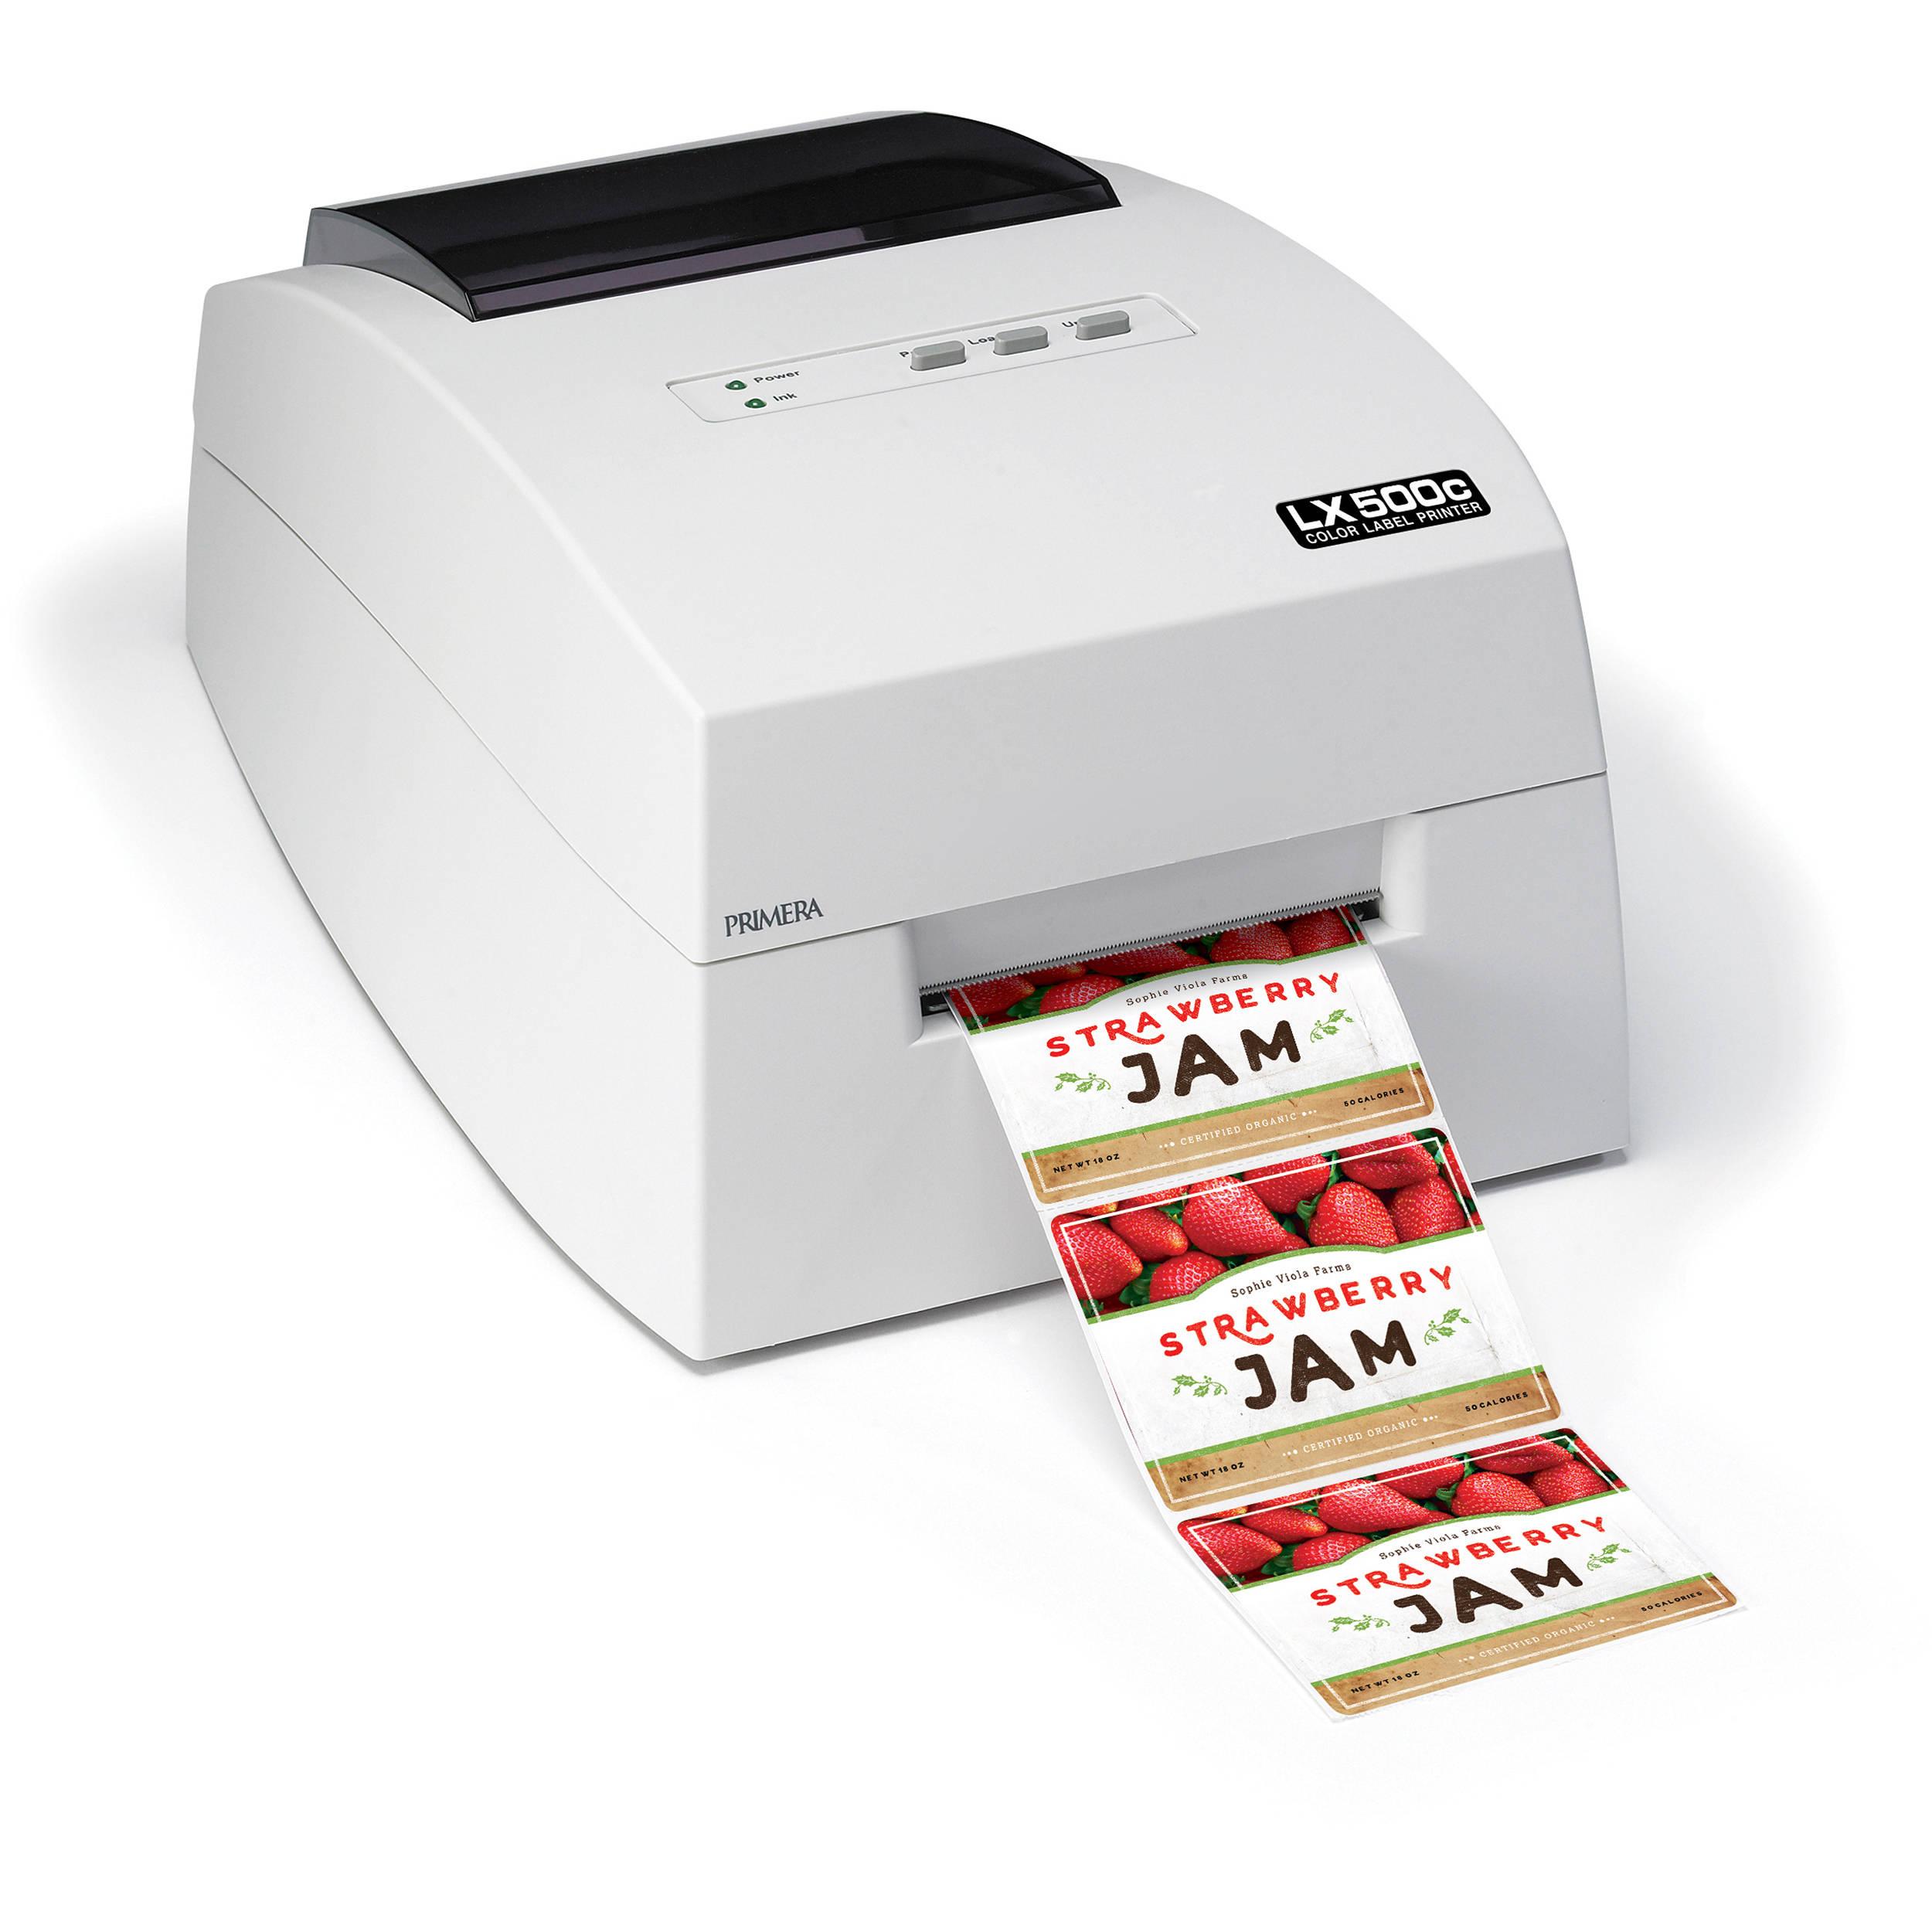 Primera LX500 Color Label Printer 74273 BampH Photo Video